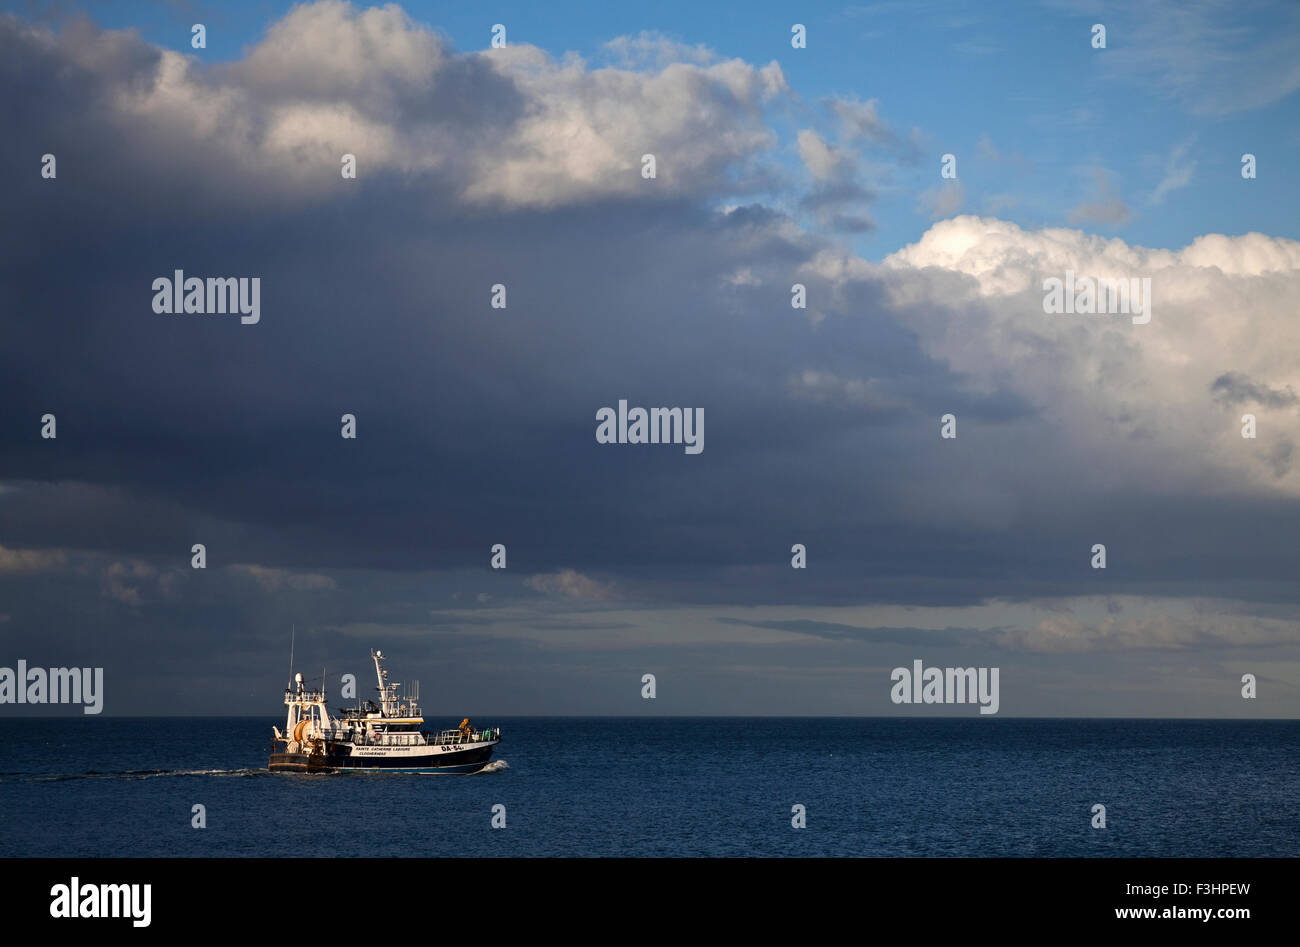 Bateau de pêche en mer d'Irlande, au large de Clogher Head, dans le comté de Louth, Ireland Photo Stock